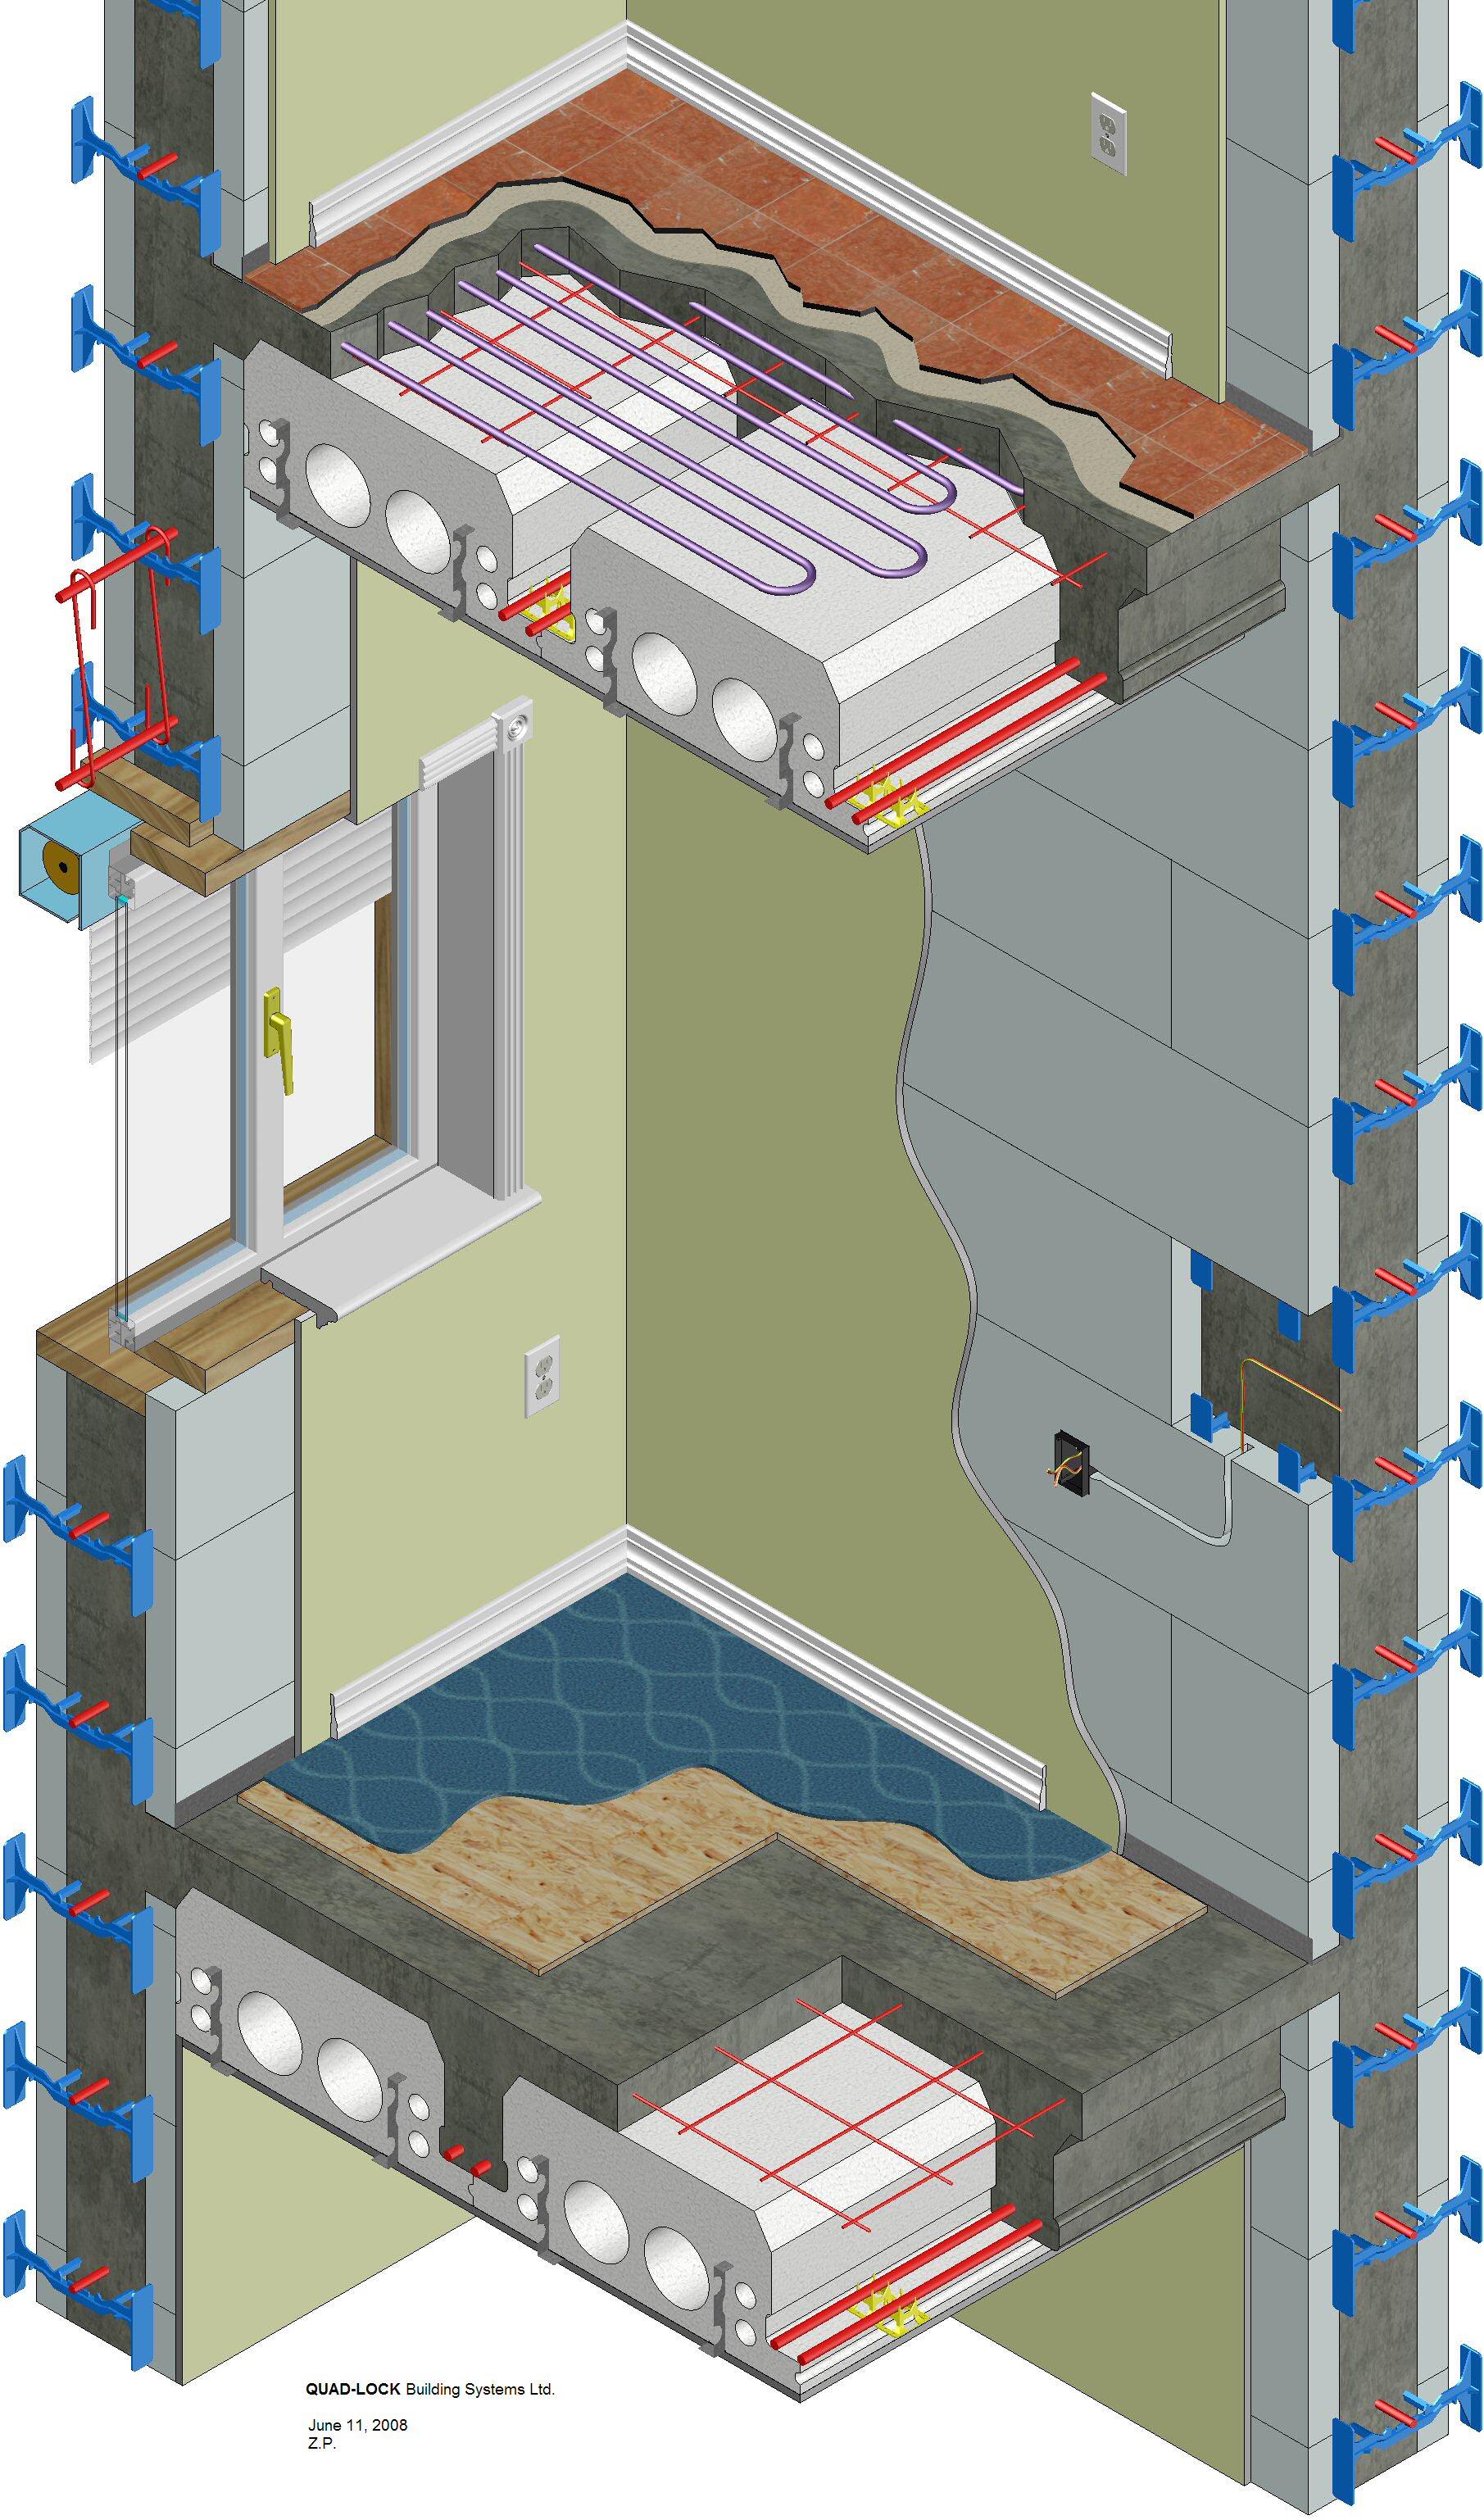 quad-lock_quad-deck_corner_illustration